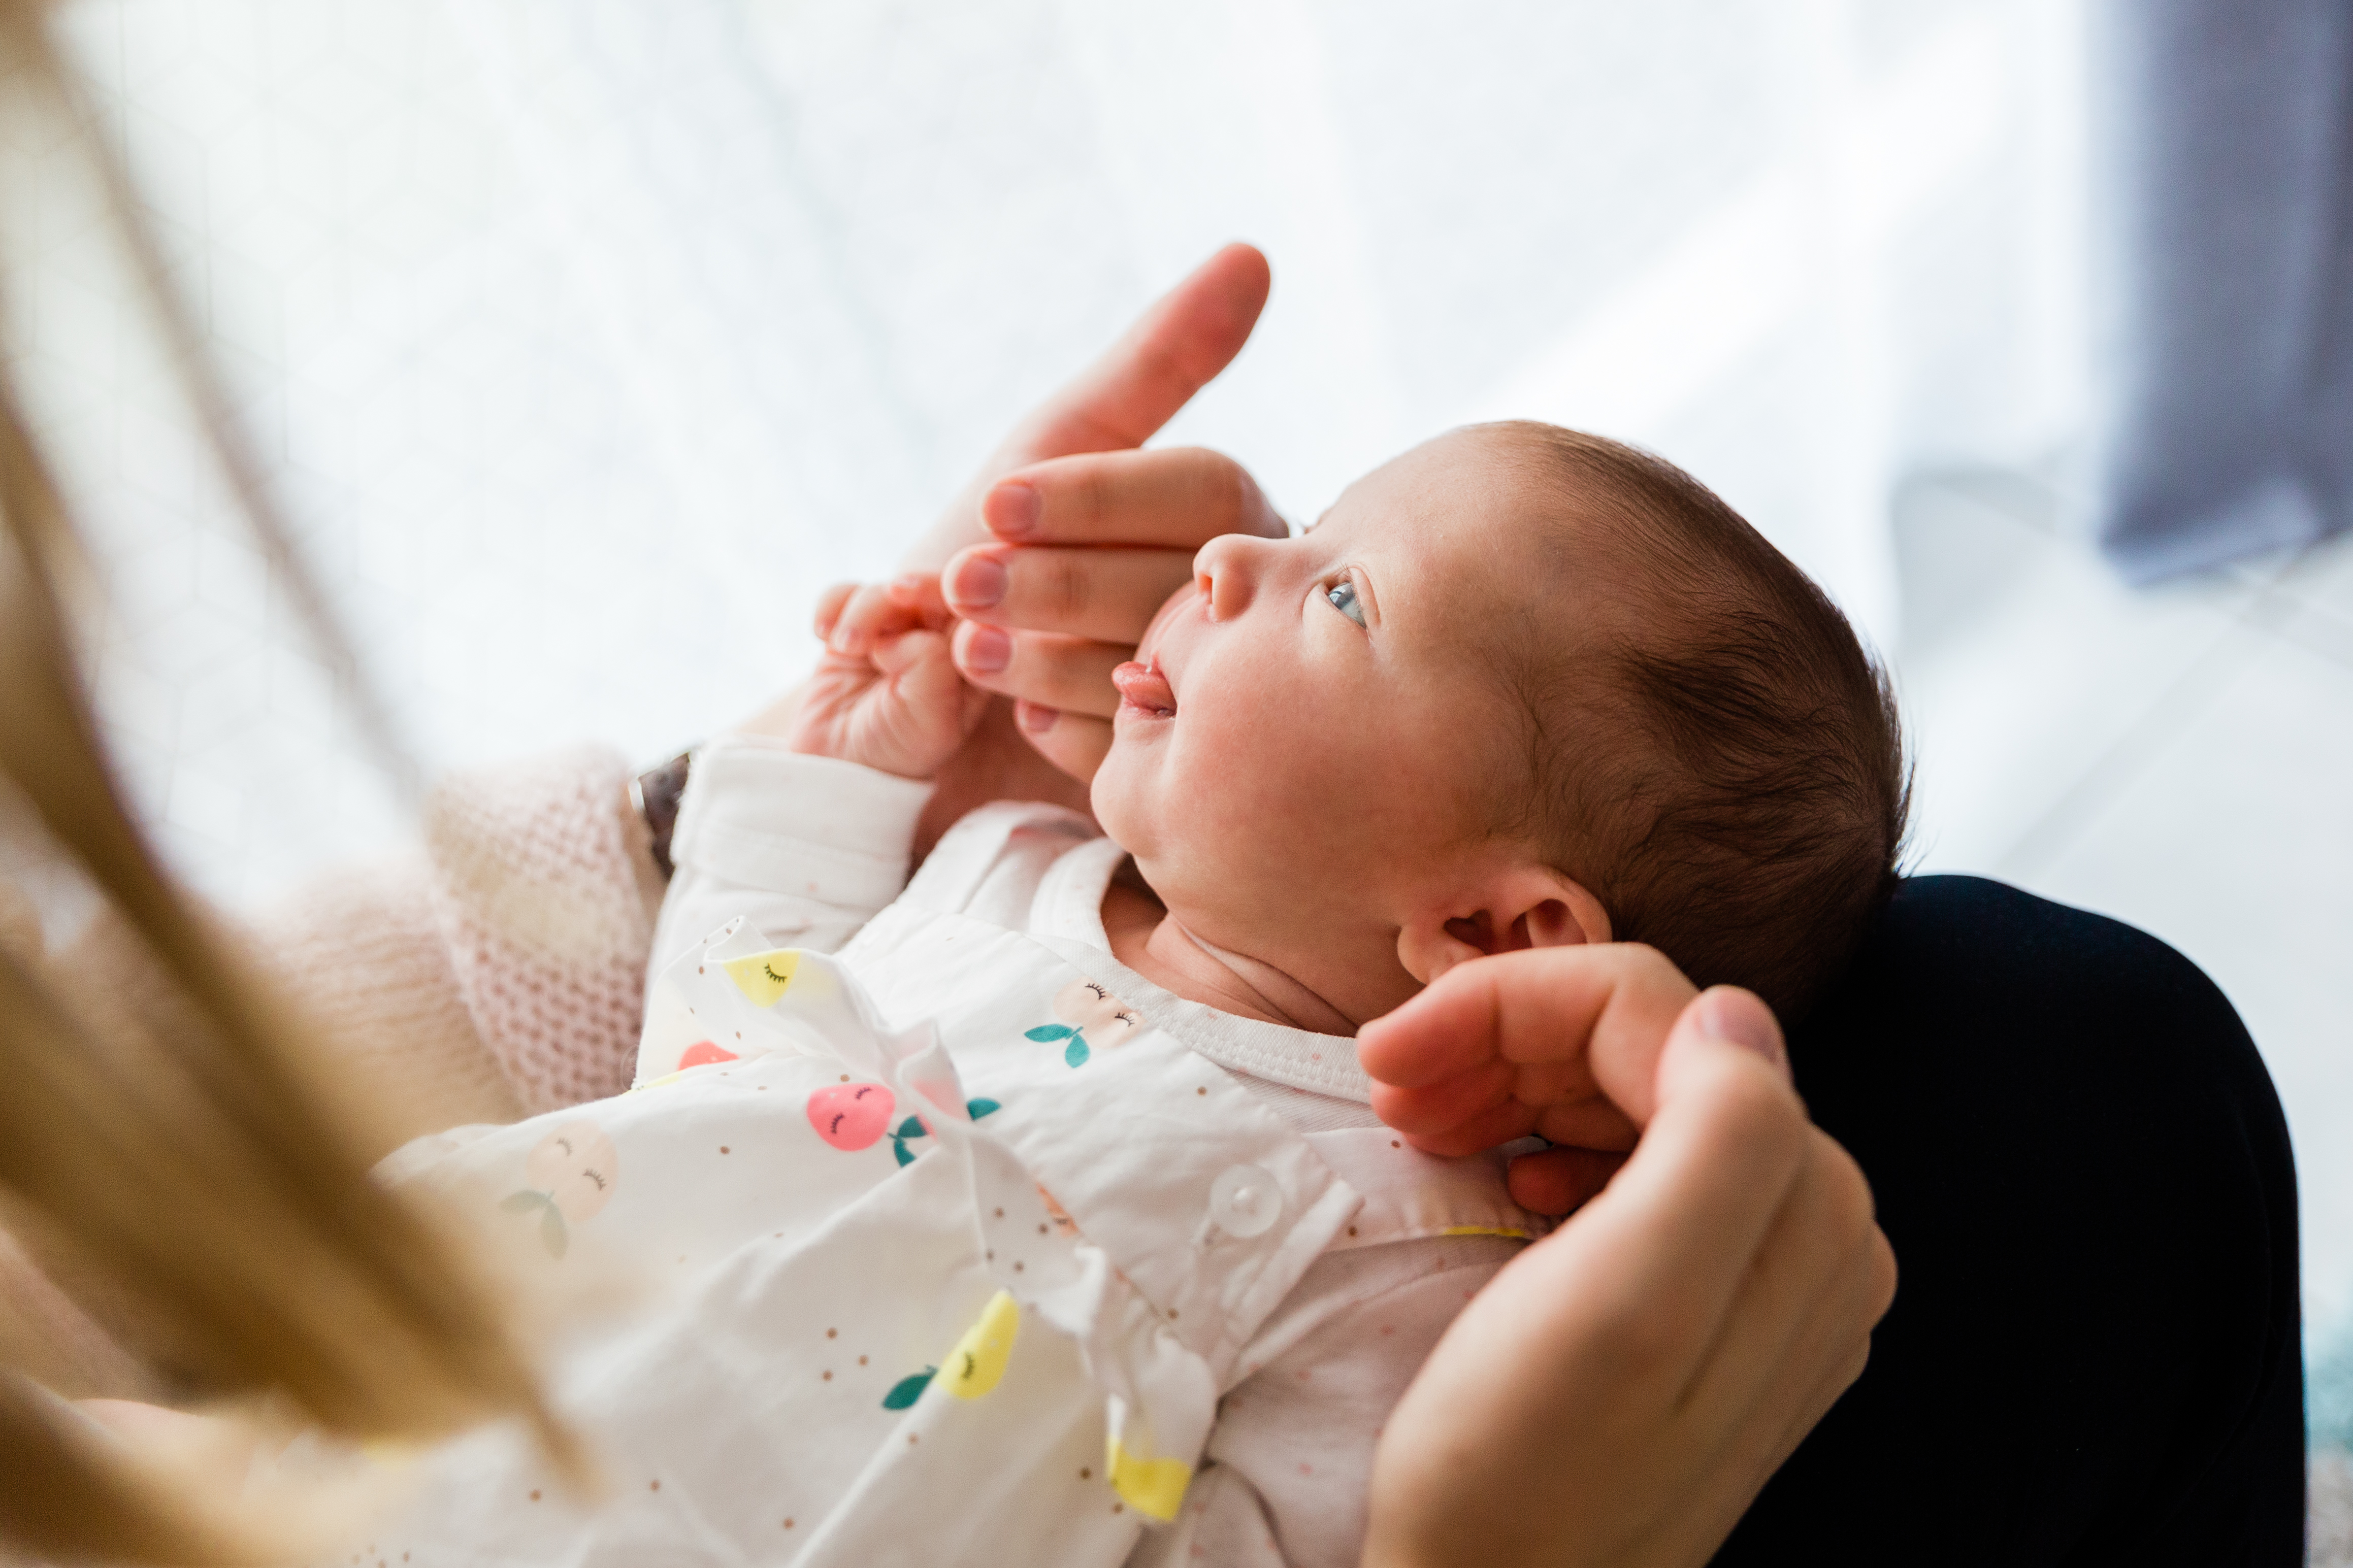 photographe-bordeaux-lifestyle-nouveau-né-bébé-grossesse-emeline-mingot-2